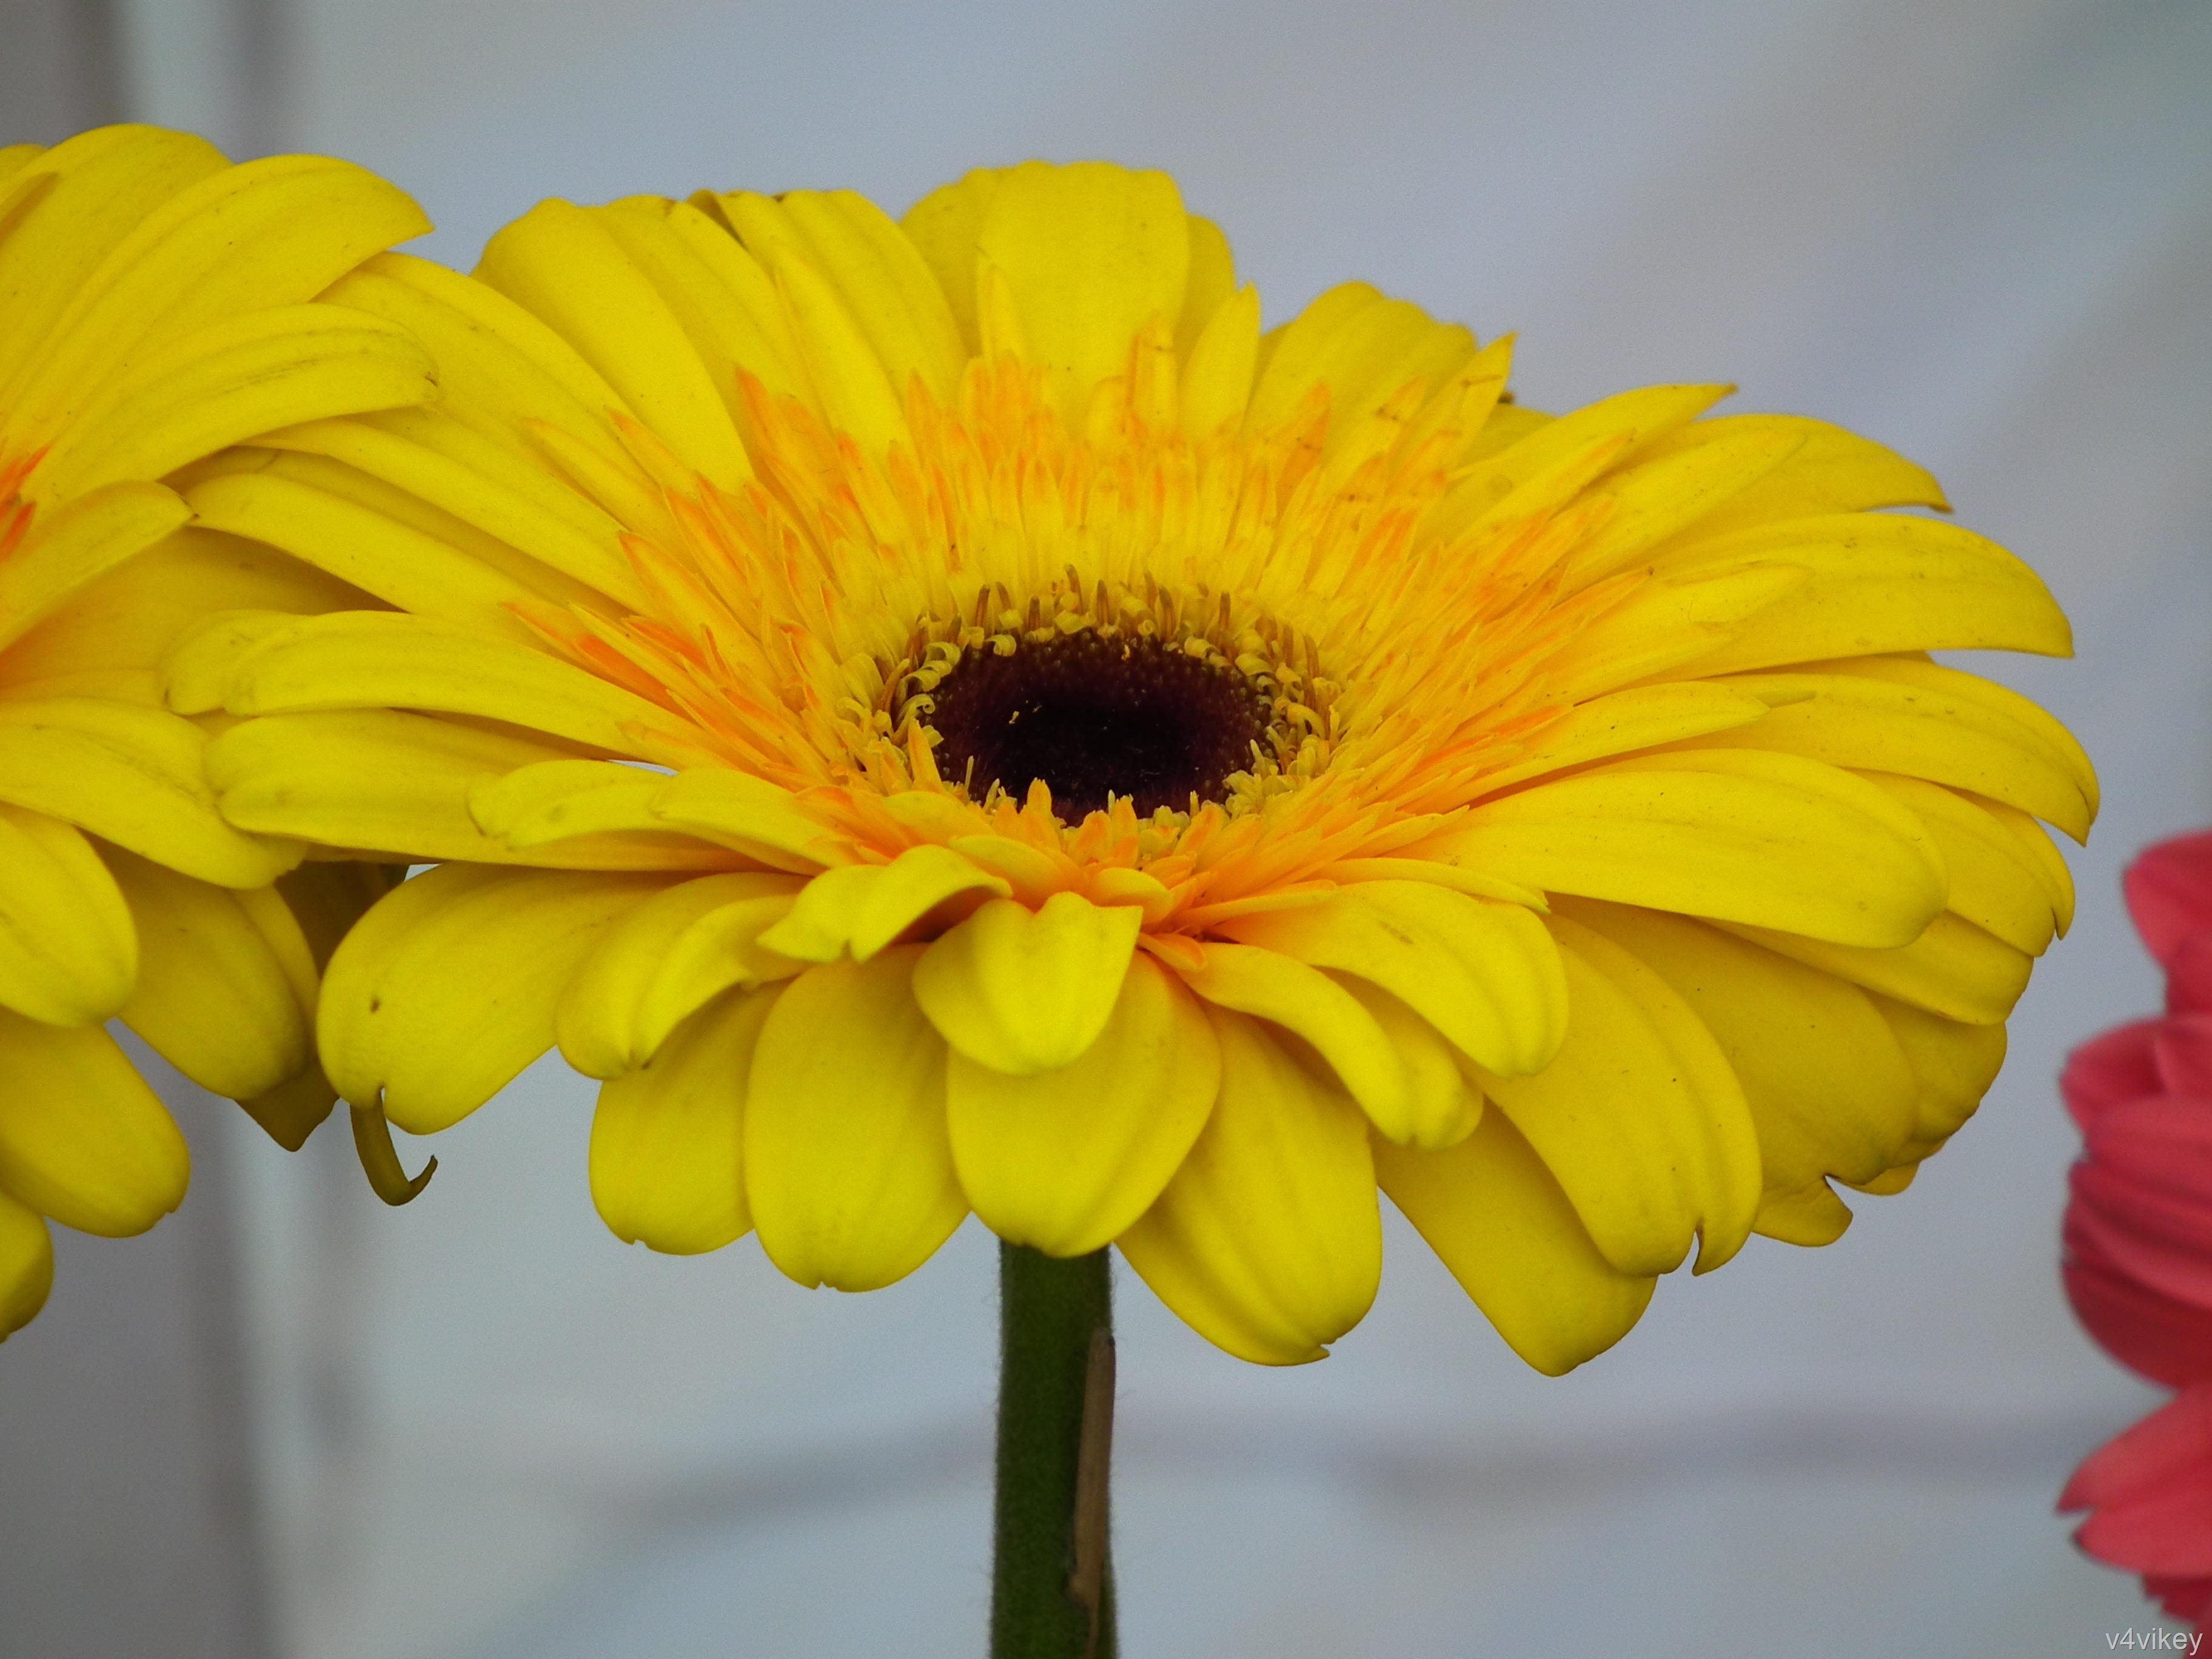 Beauty of Gerbera Daisy Flower